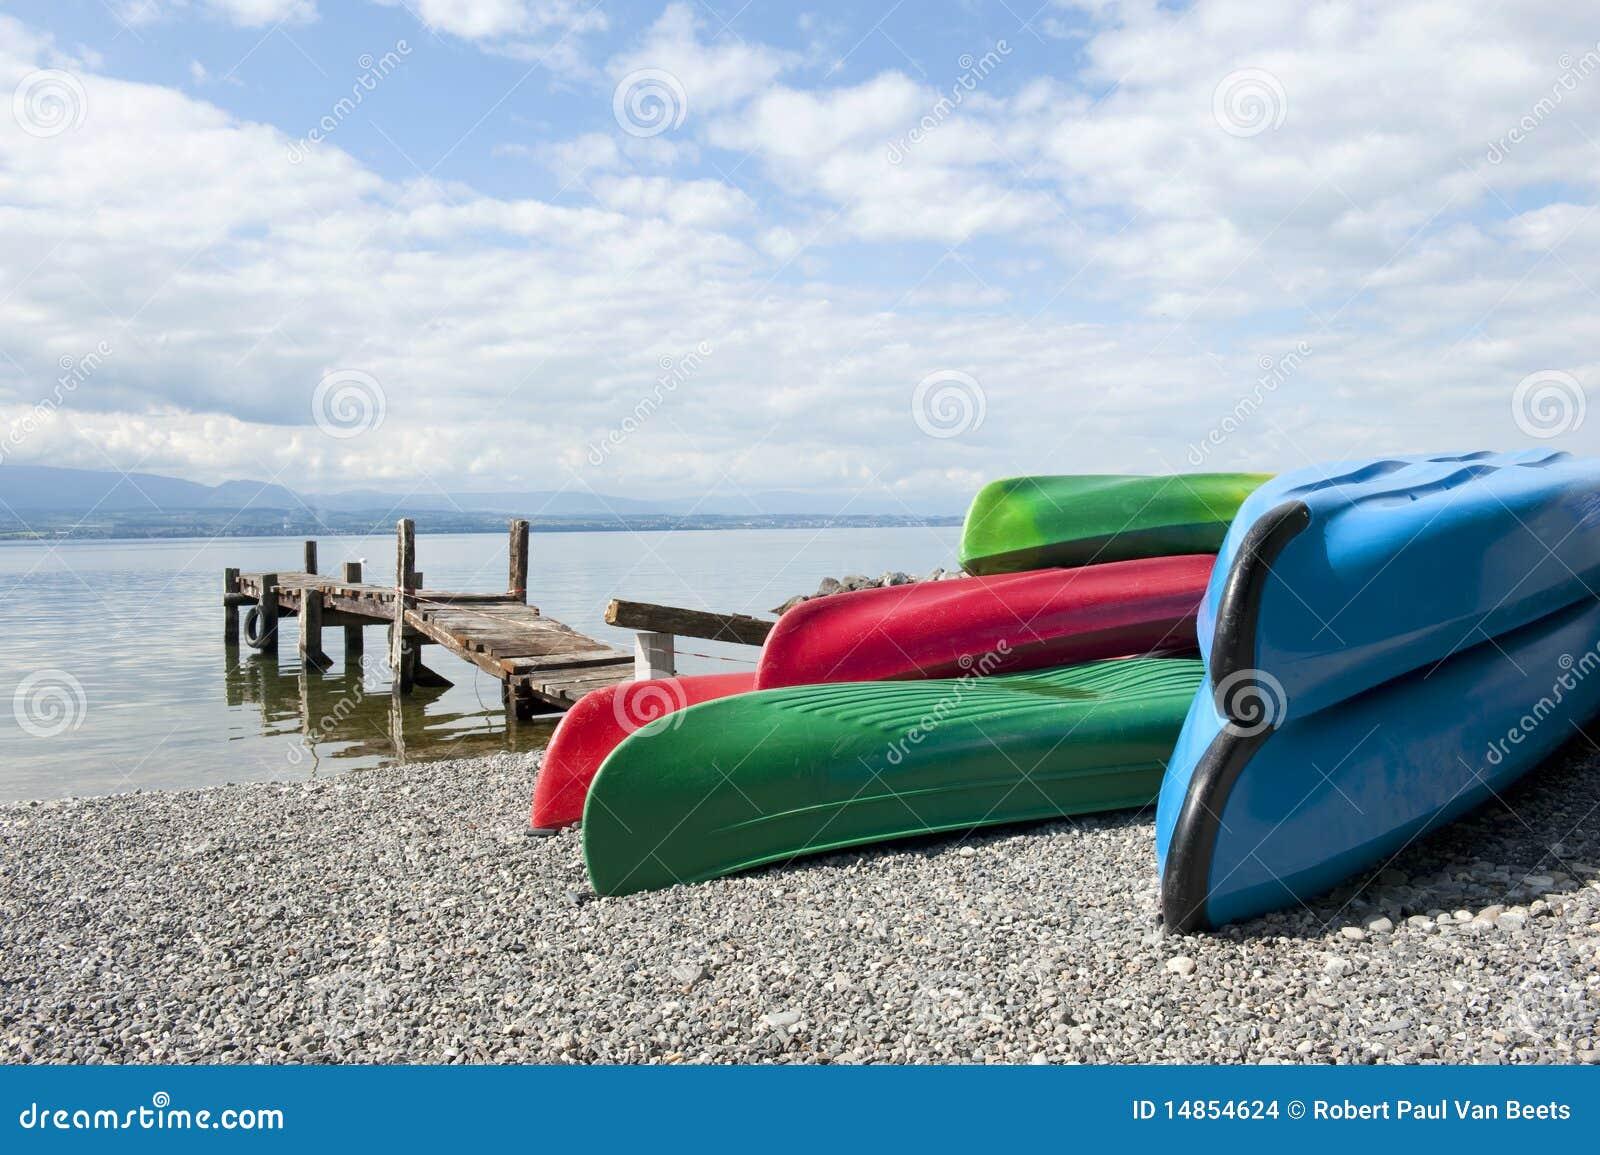 Canoes at Lake Leman